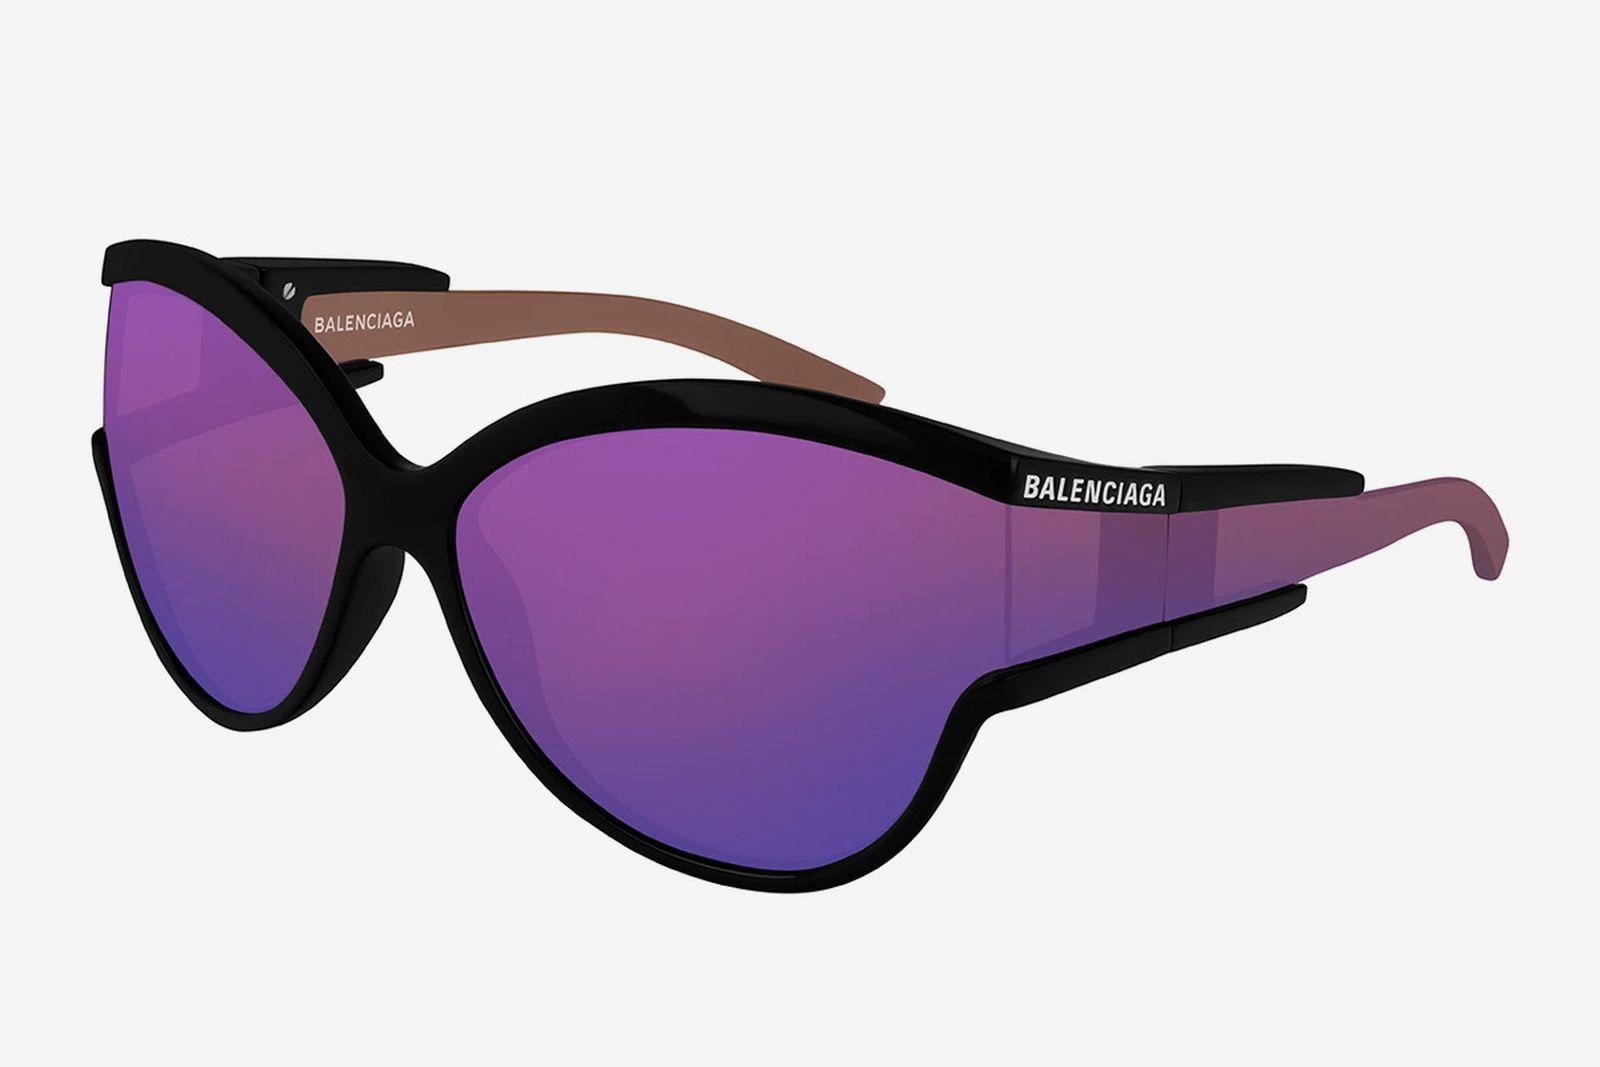 balenciaga kering eyewear collection dsm